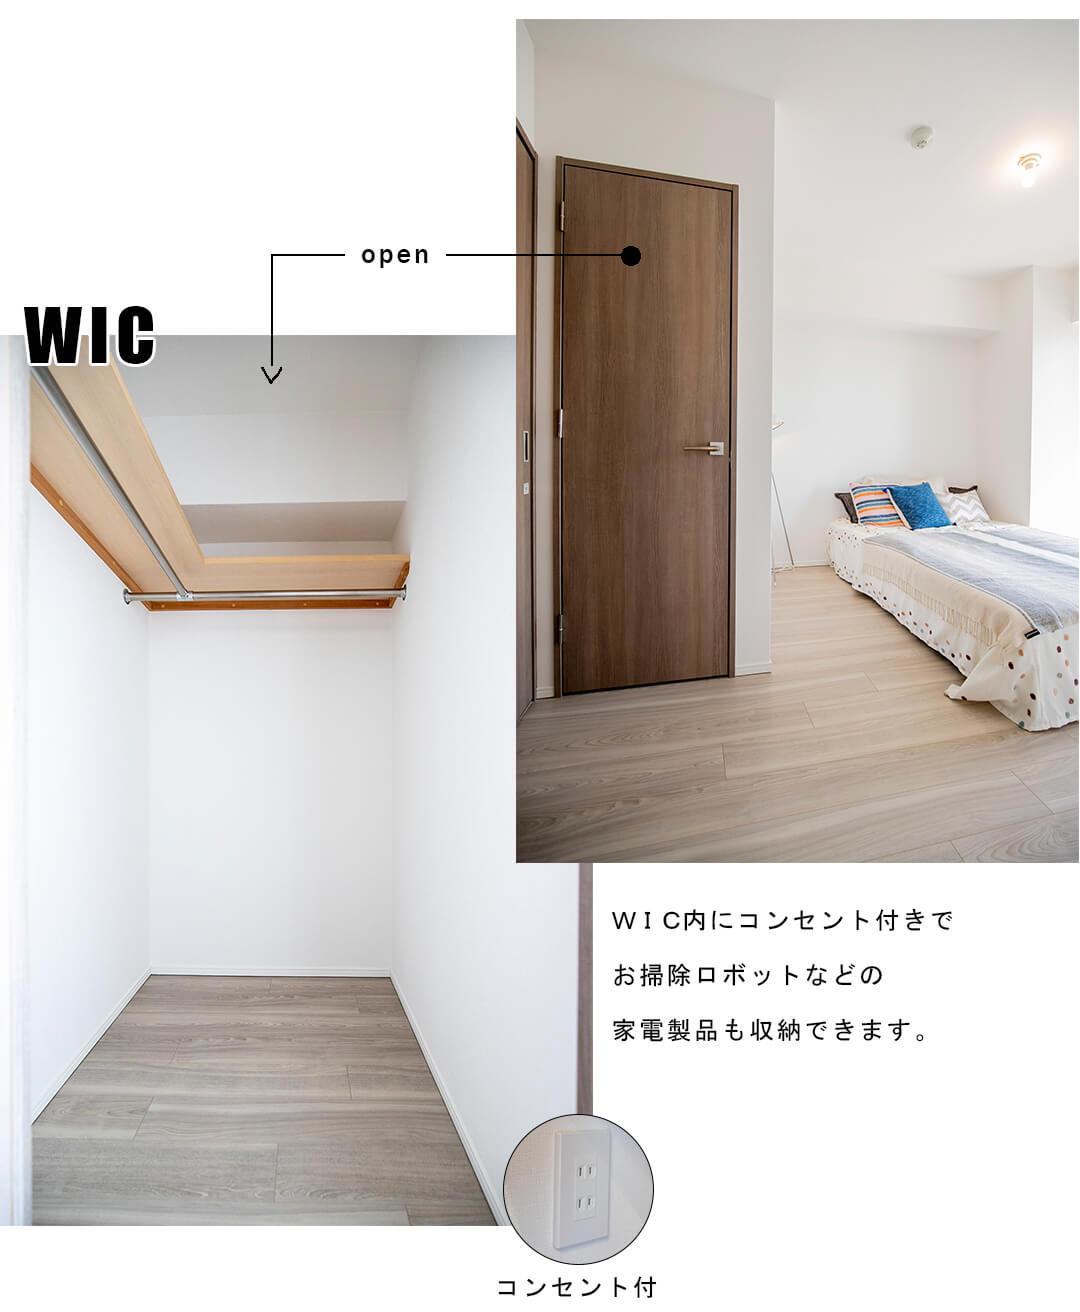 渋谷神山町レジデンスの洋室